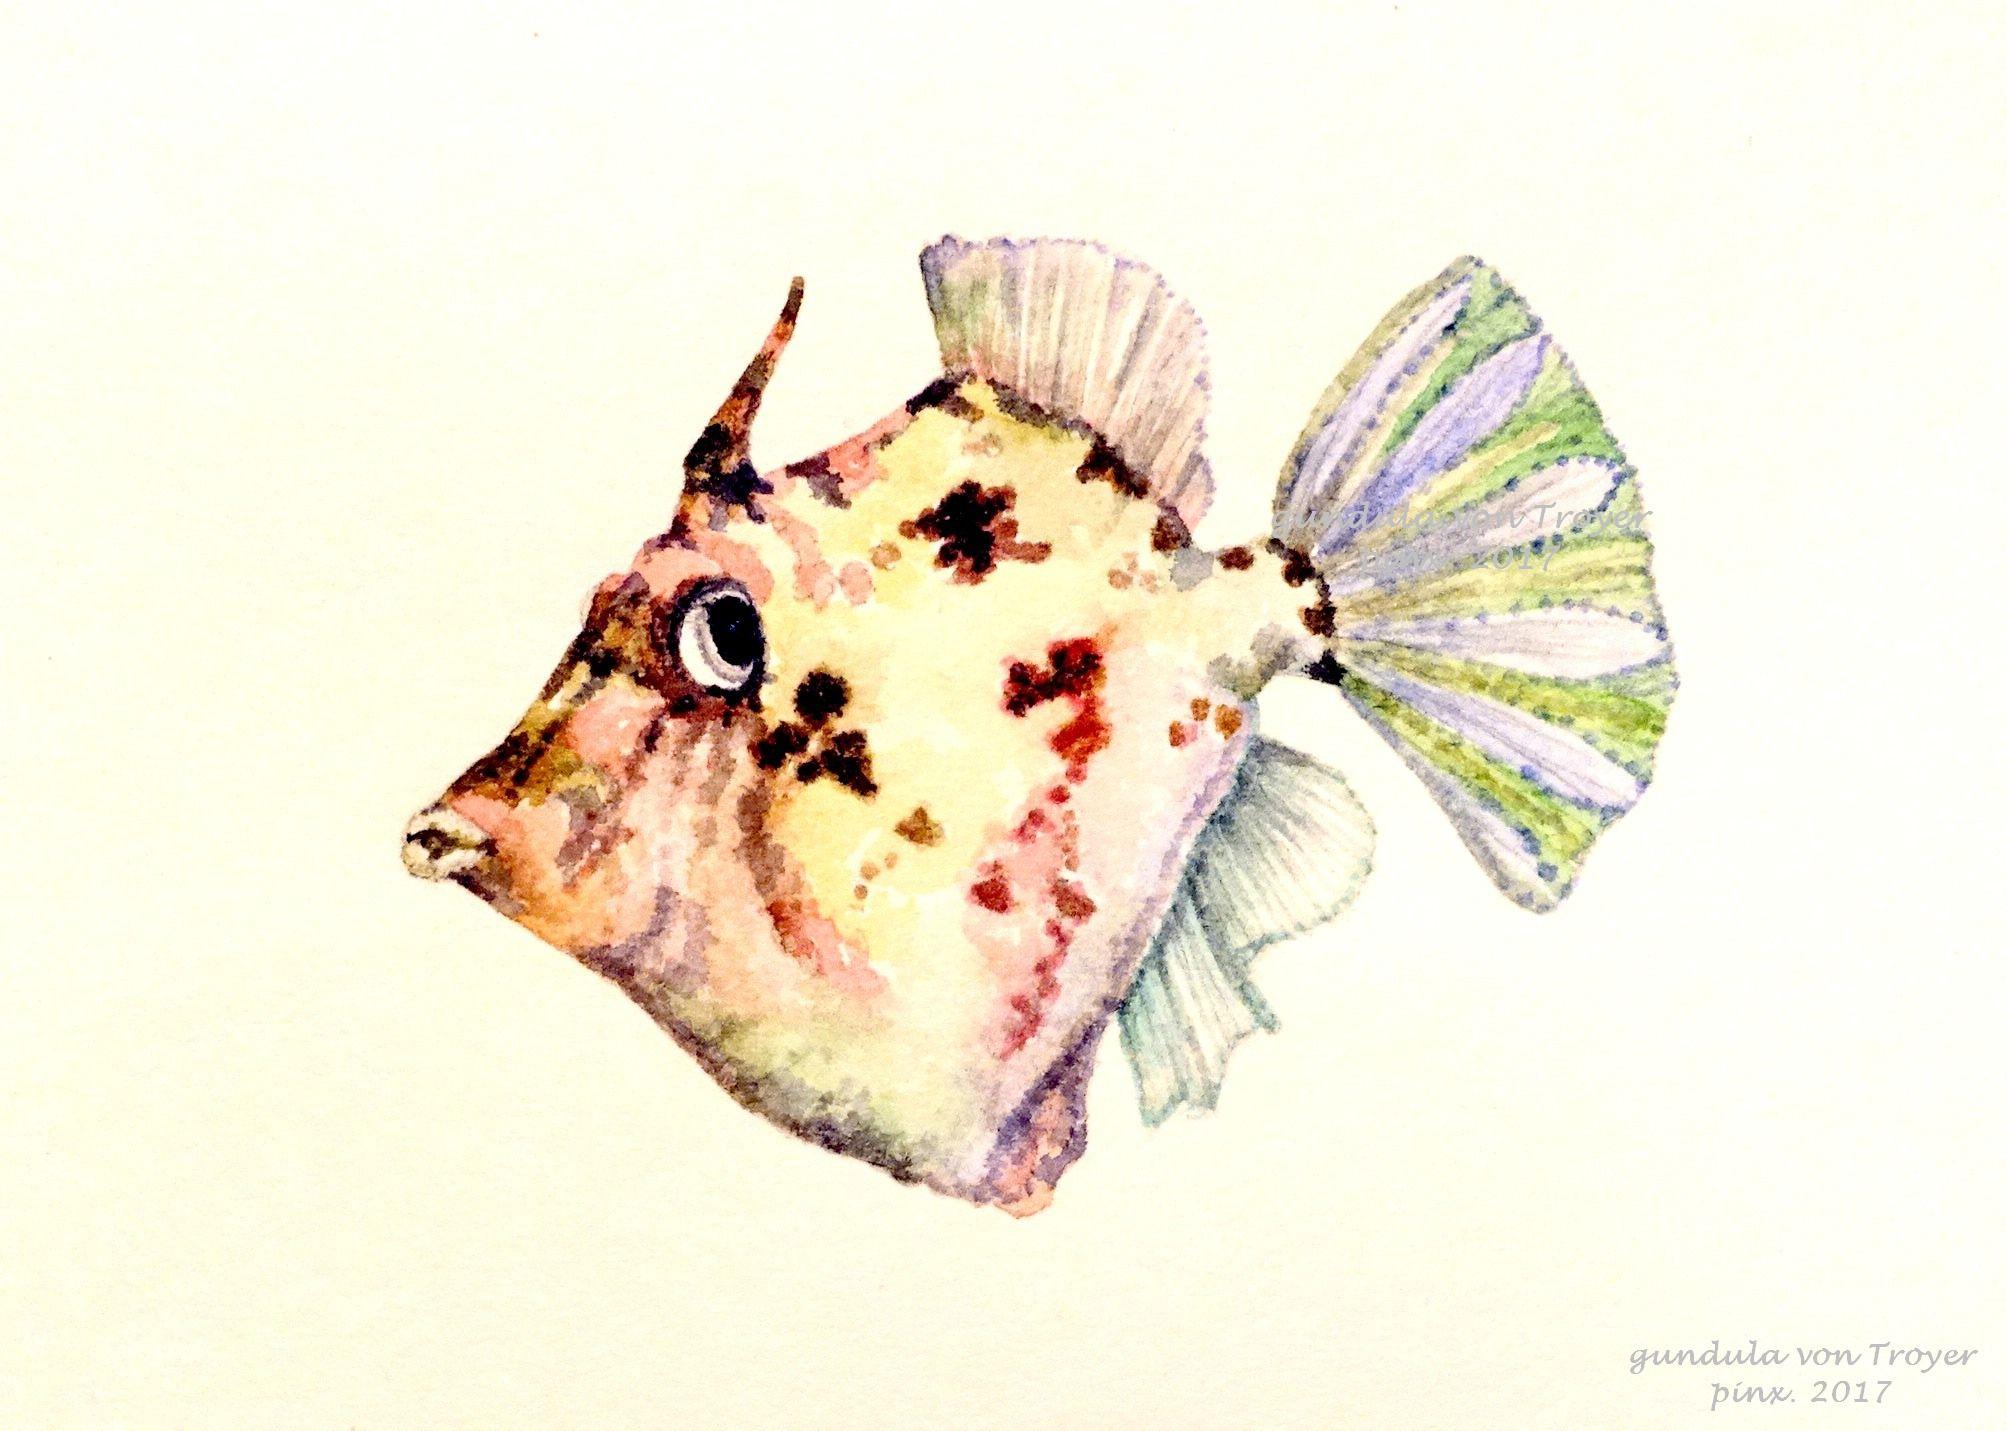 Feilenfisch Kanarische Inseln Aquarell Illustration Gundula Von Troyer Kanarische Inseln Illustration Aquarell